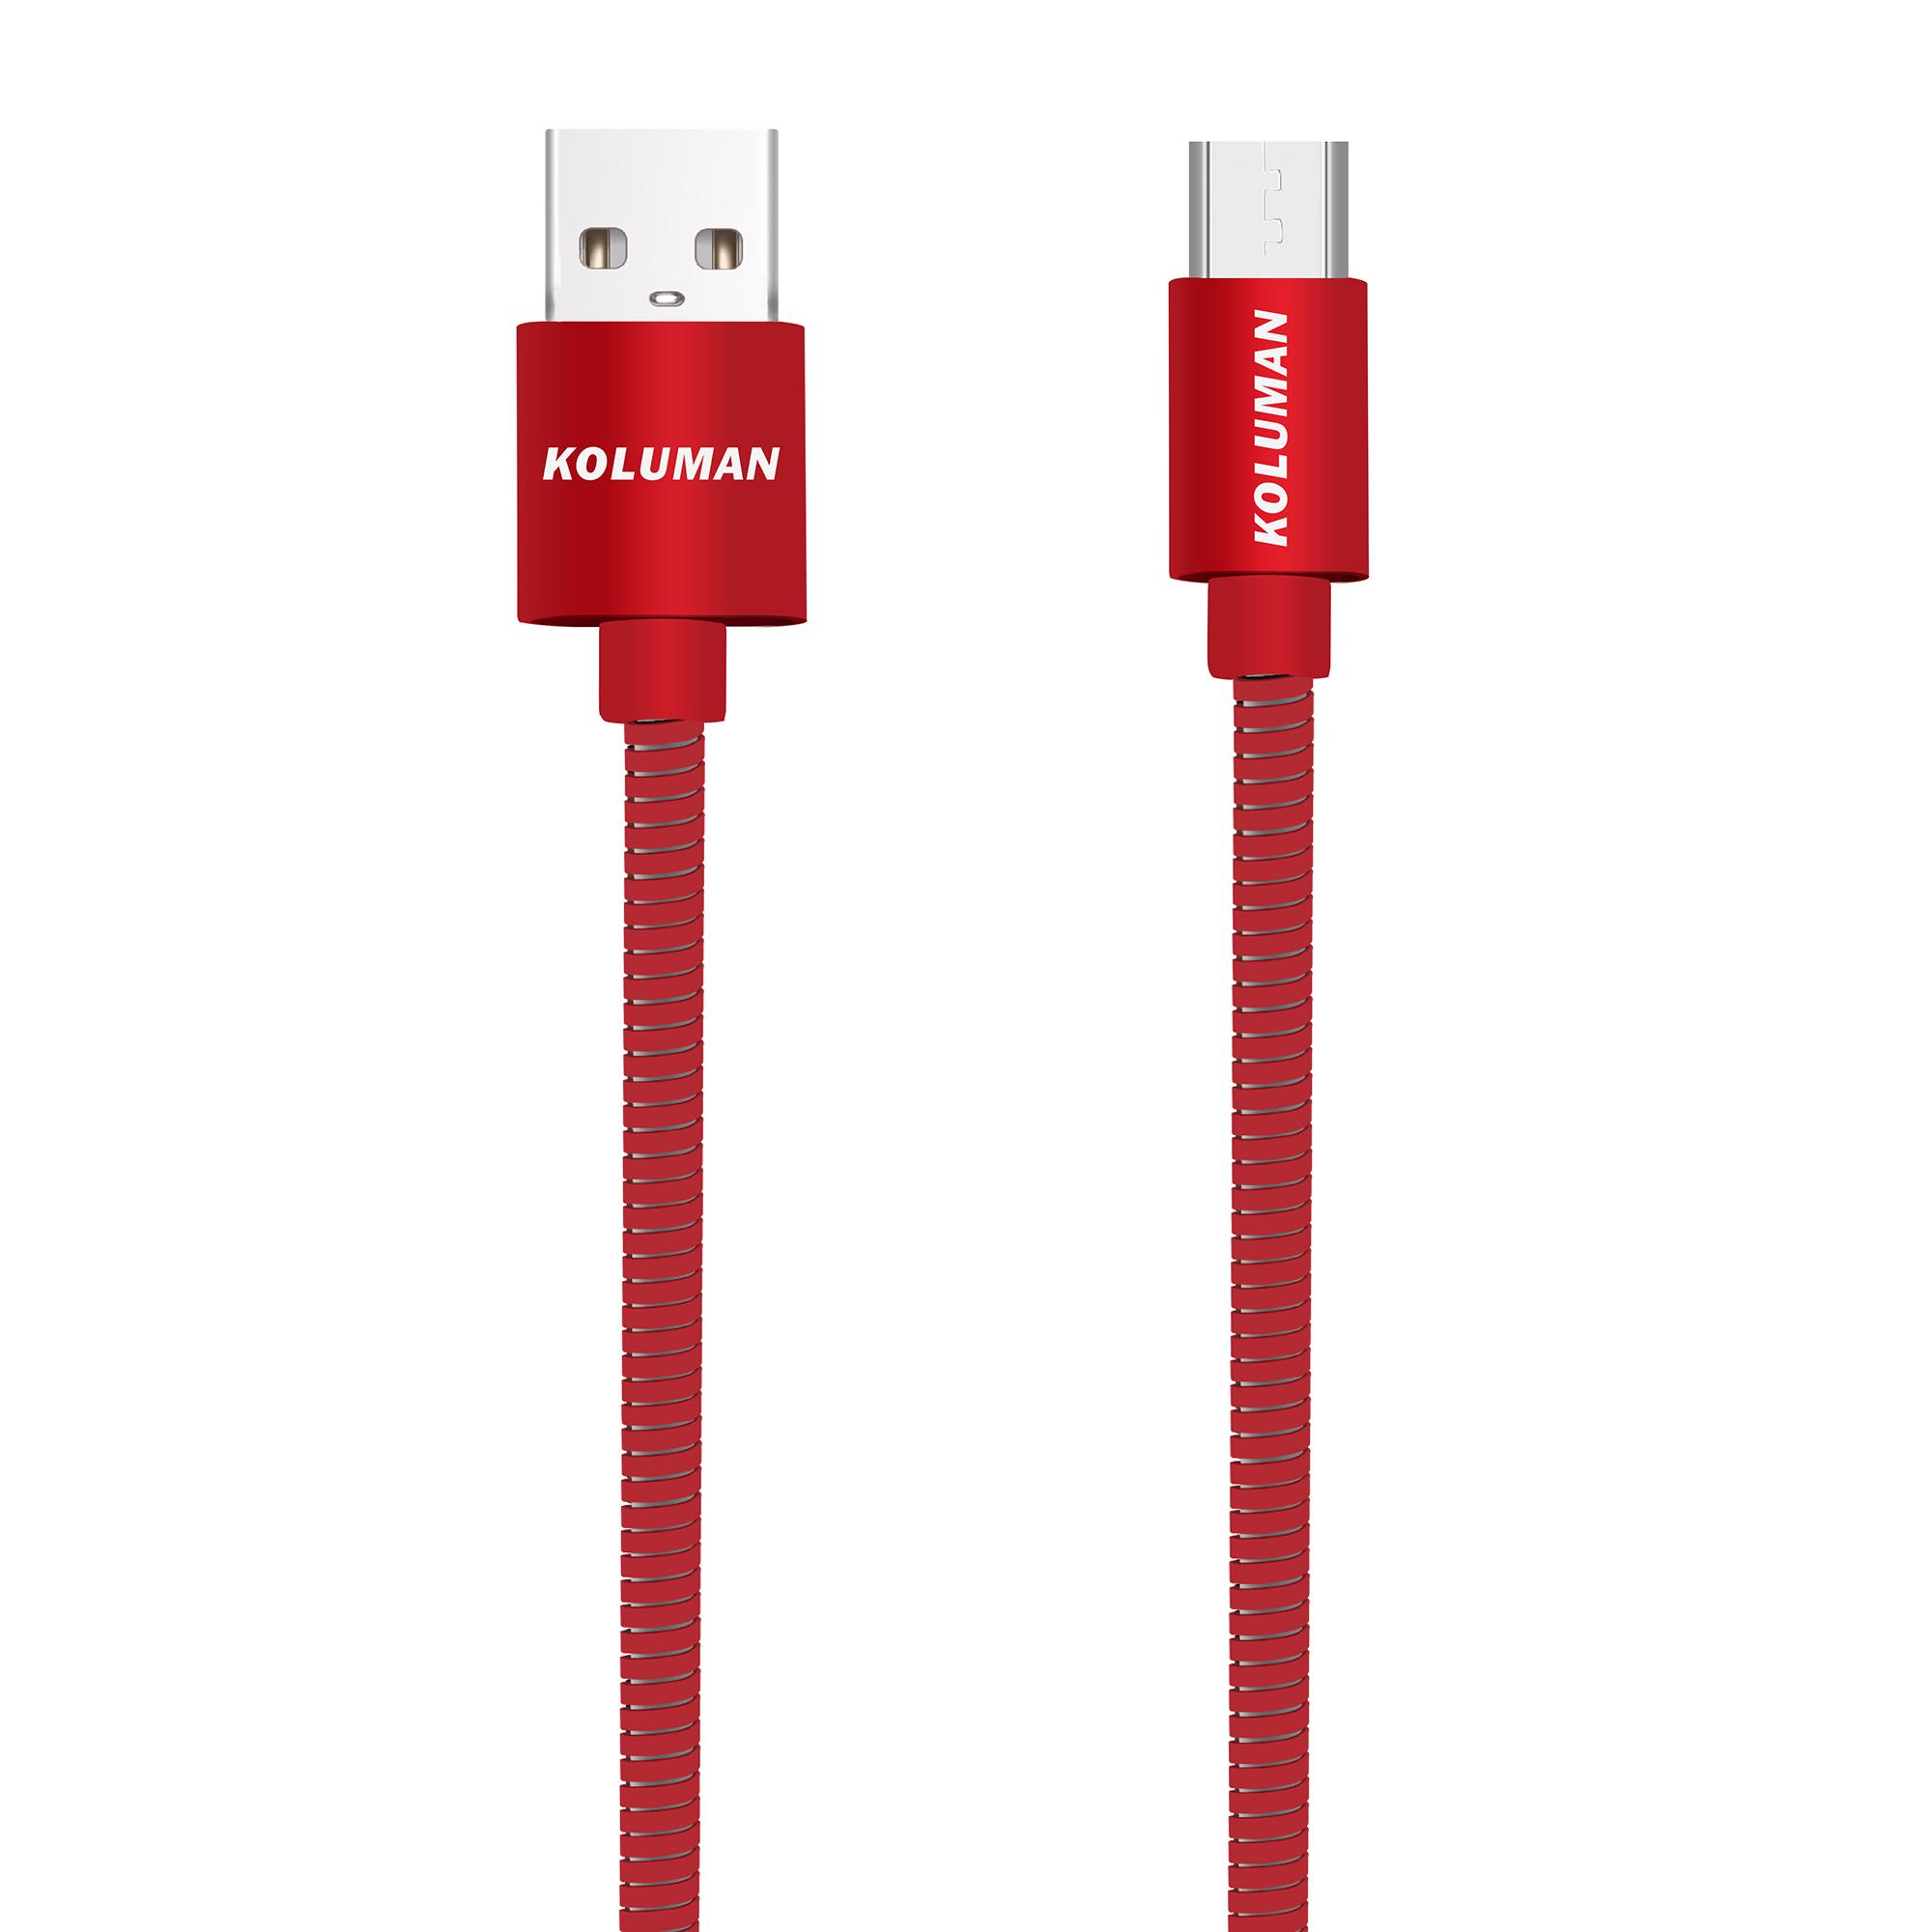 کابل تبدیل USB به microUSB کلومن مدل kd-34 طول 1 متر